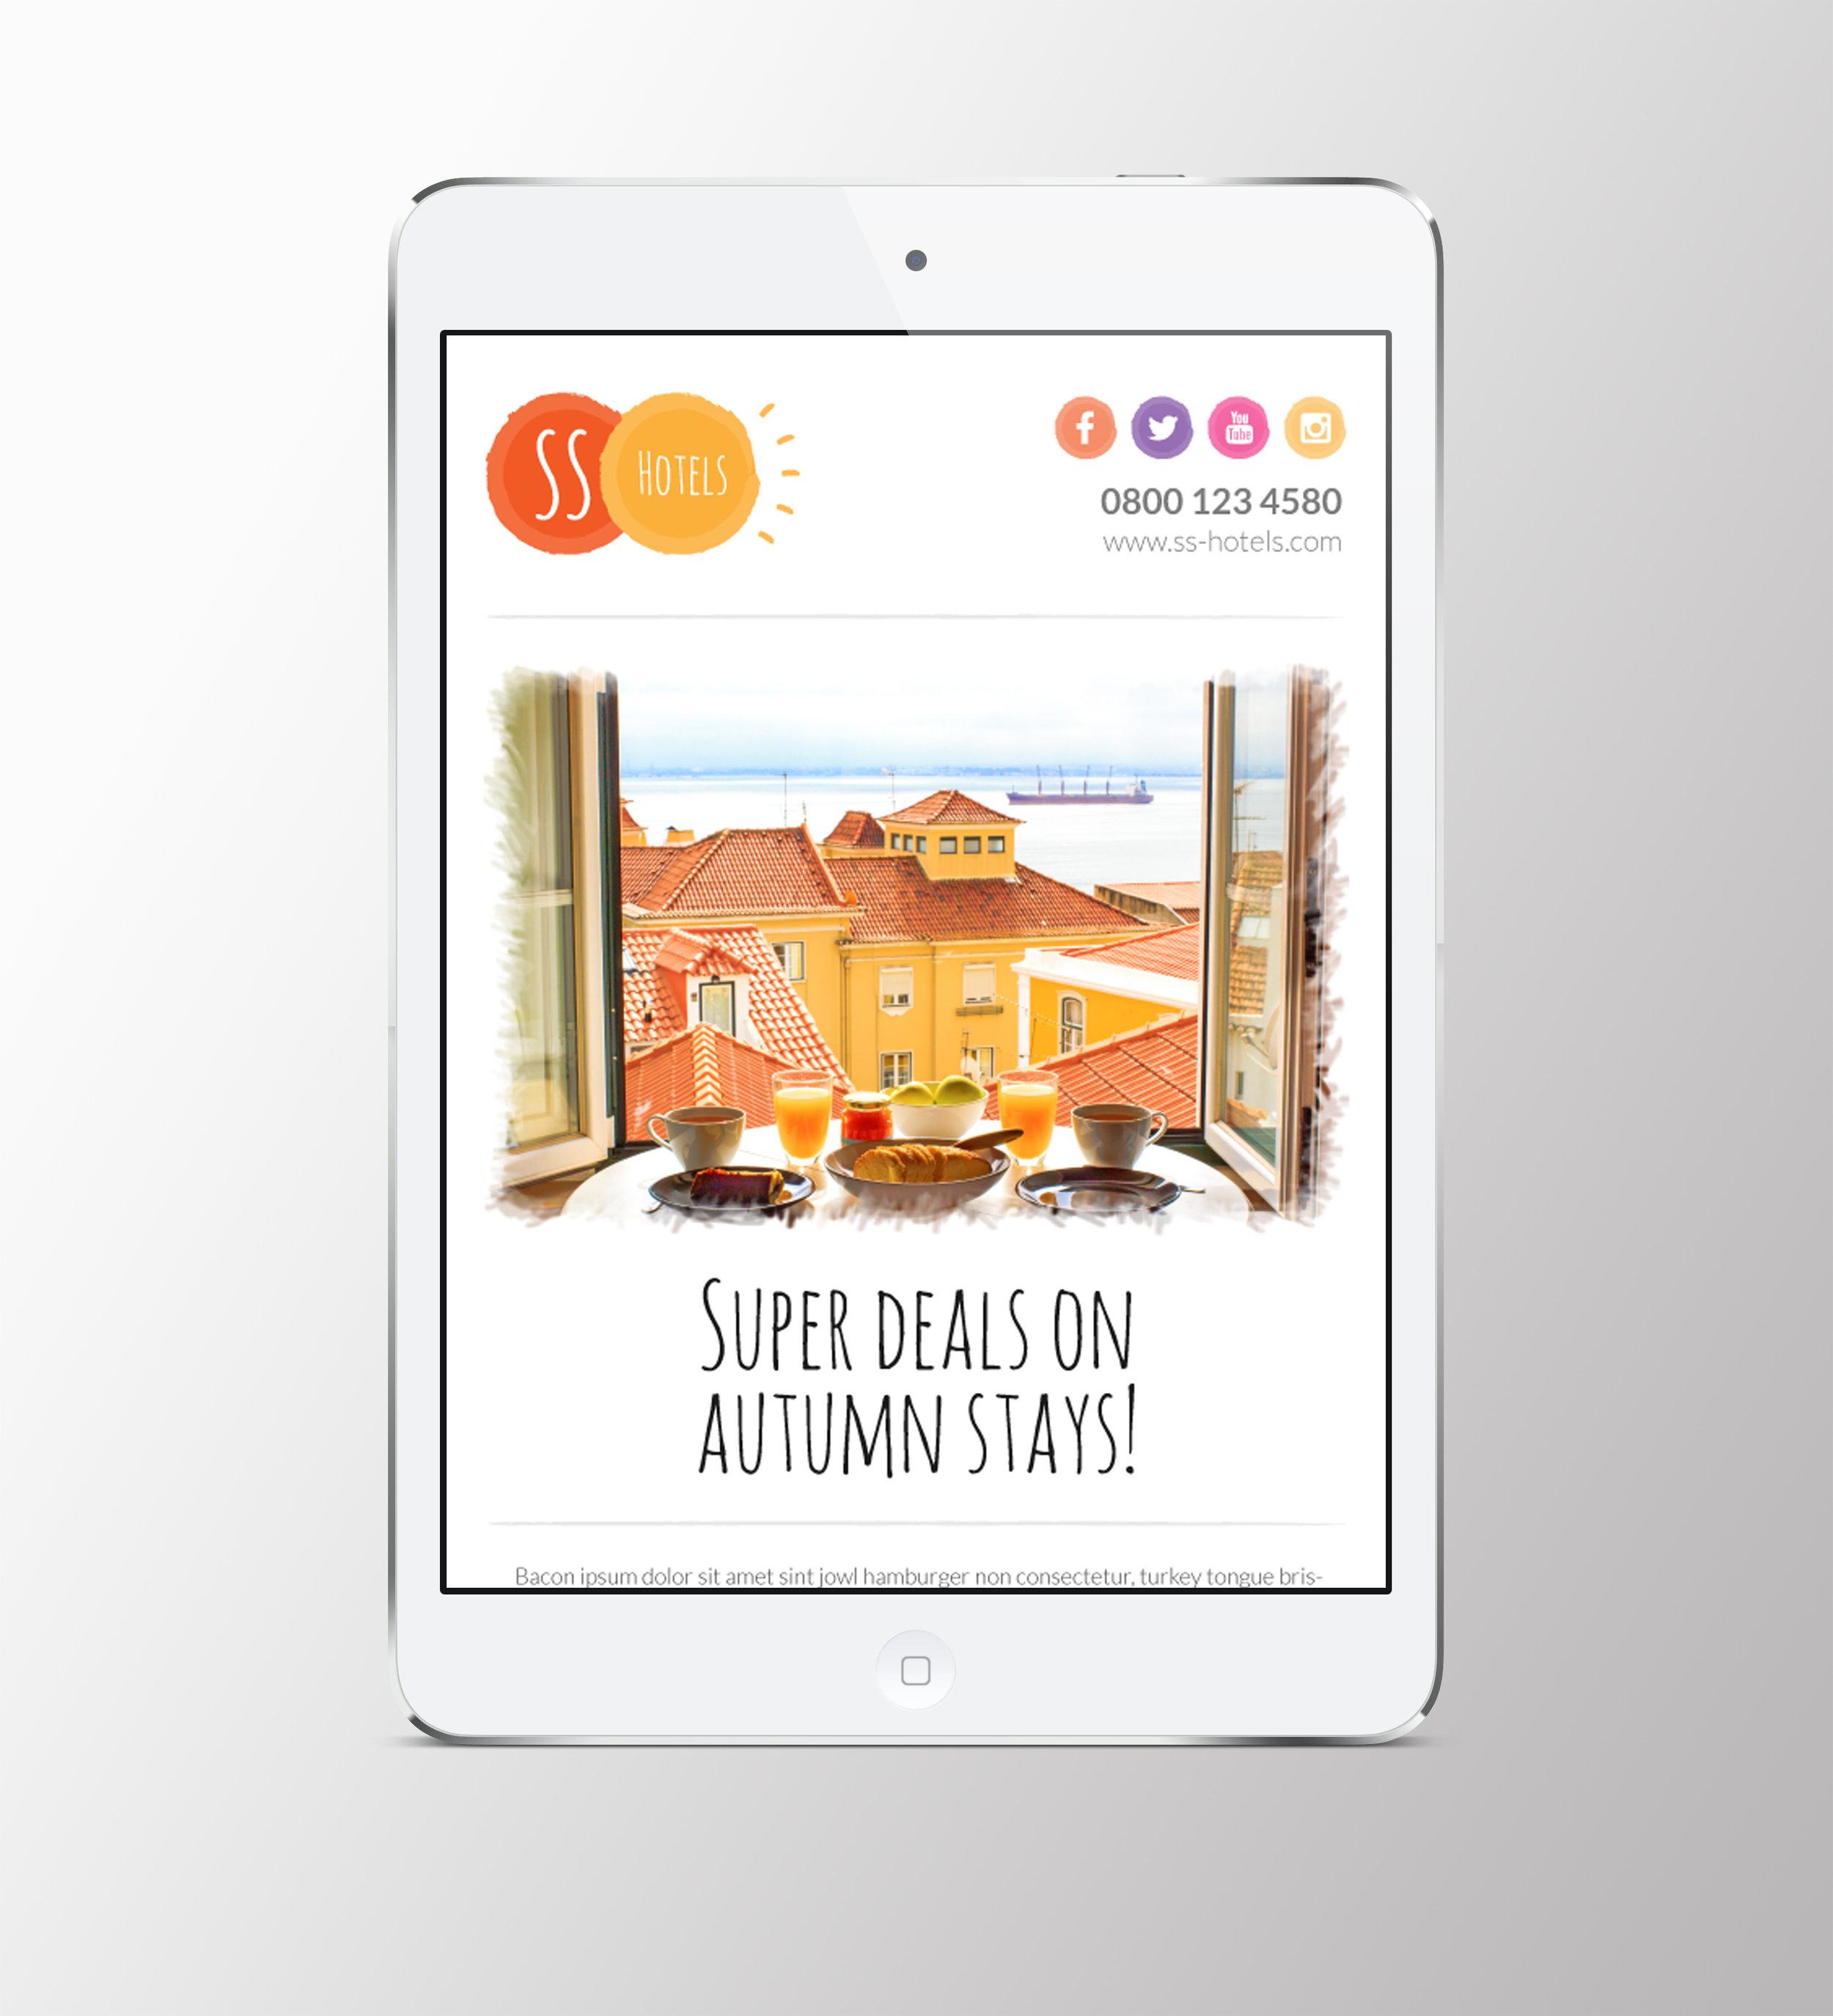 SS Hotels Emailer - 2019 MOCKUP 1.jpg